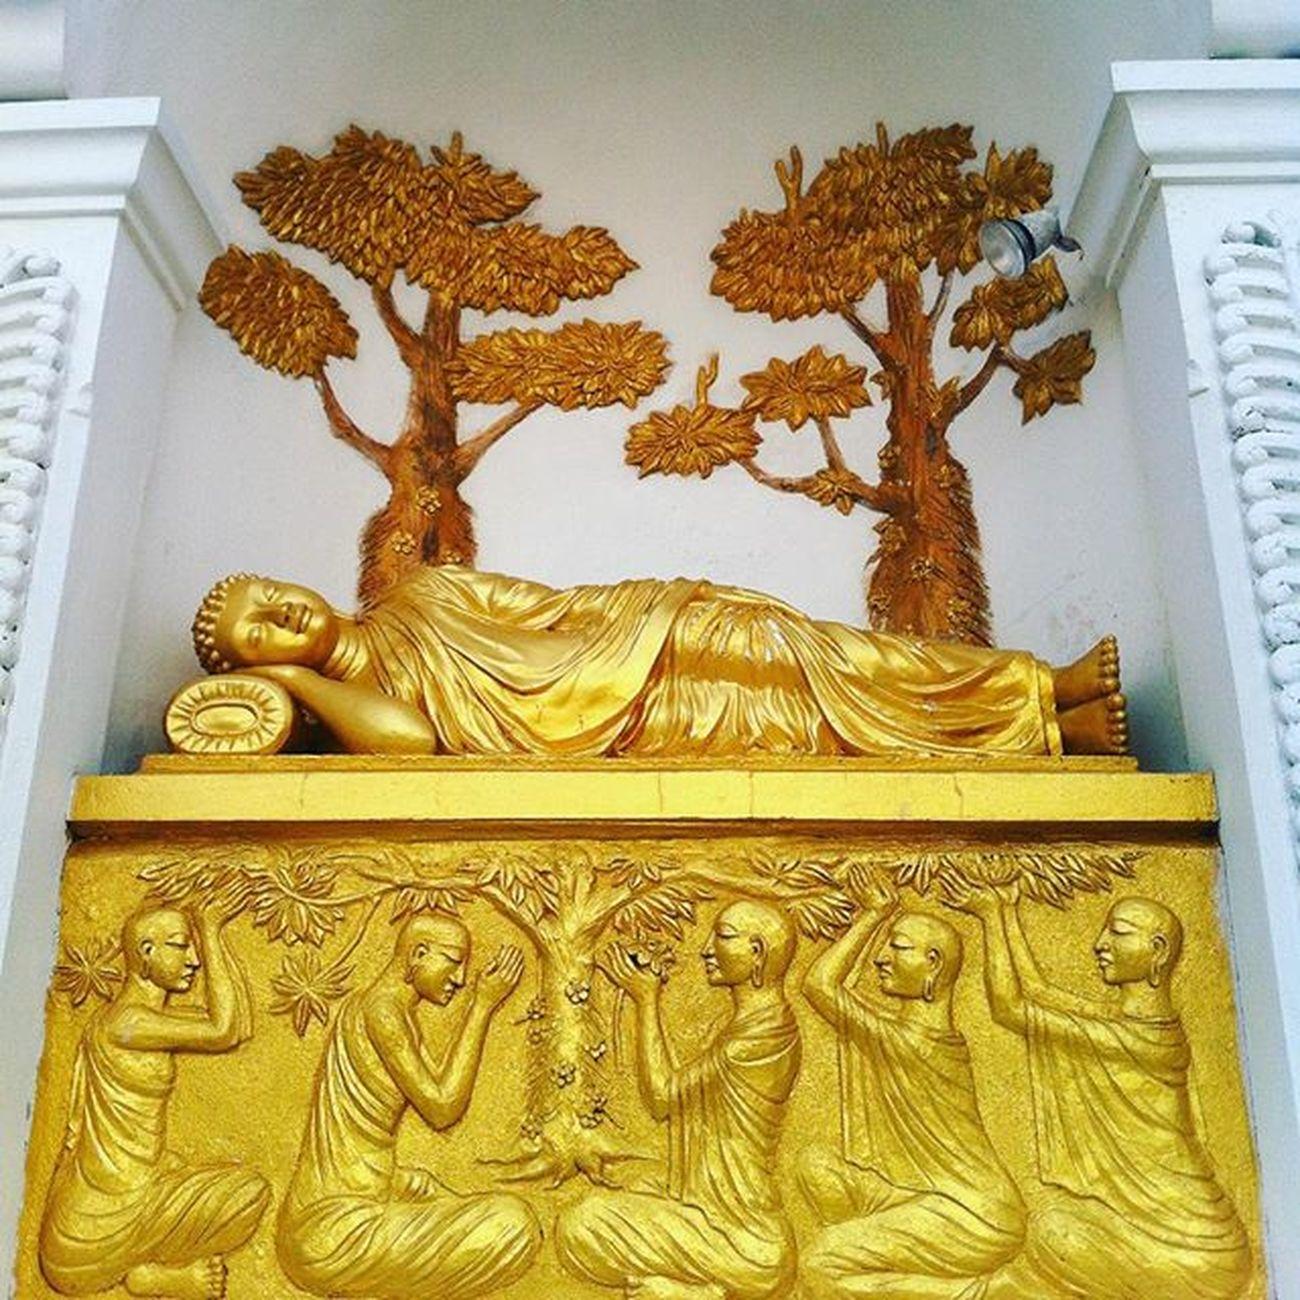 Peace Pagoda SriLanka Unawatuna Sleepingbuddha Instaphoto Instagram Instatravel Sacred Religion Gold Sculpture Details Street Photography Traveltheworld Exploring Wunderlust Photooftheday Travel Photography Travelgram Jetsetter Photography Travel Scenery Shot